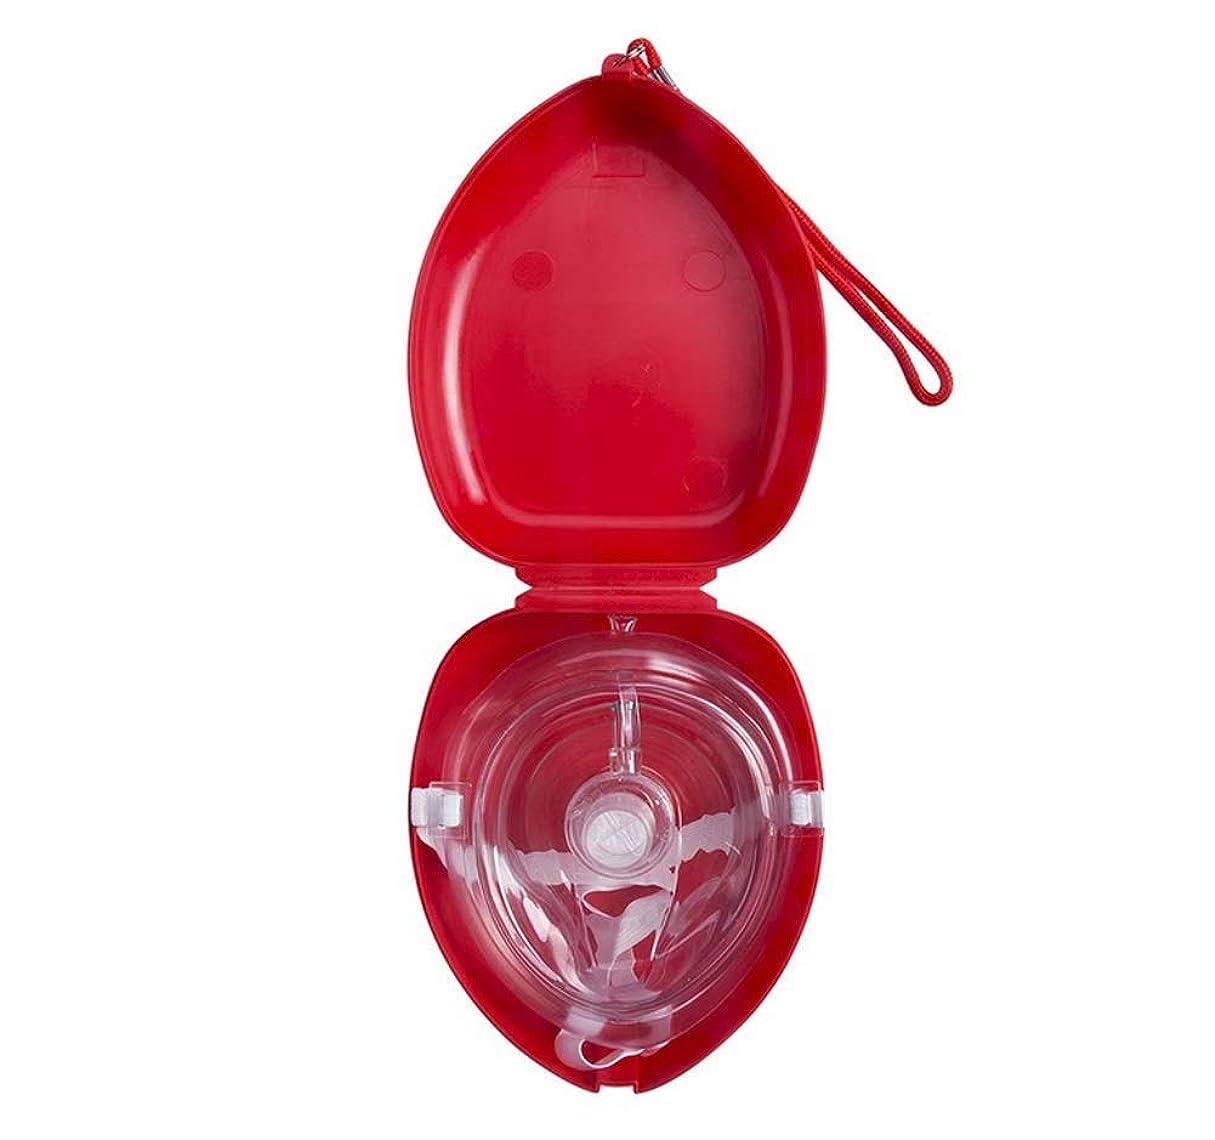 前提条件新鮮なホバート応急処置 回復 CPRマスク 顔面鼻バリア 携帯用感染防止マスク 家族旅行、アウトドア、旅行 (ワンサイズ)